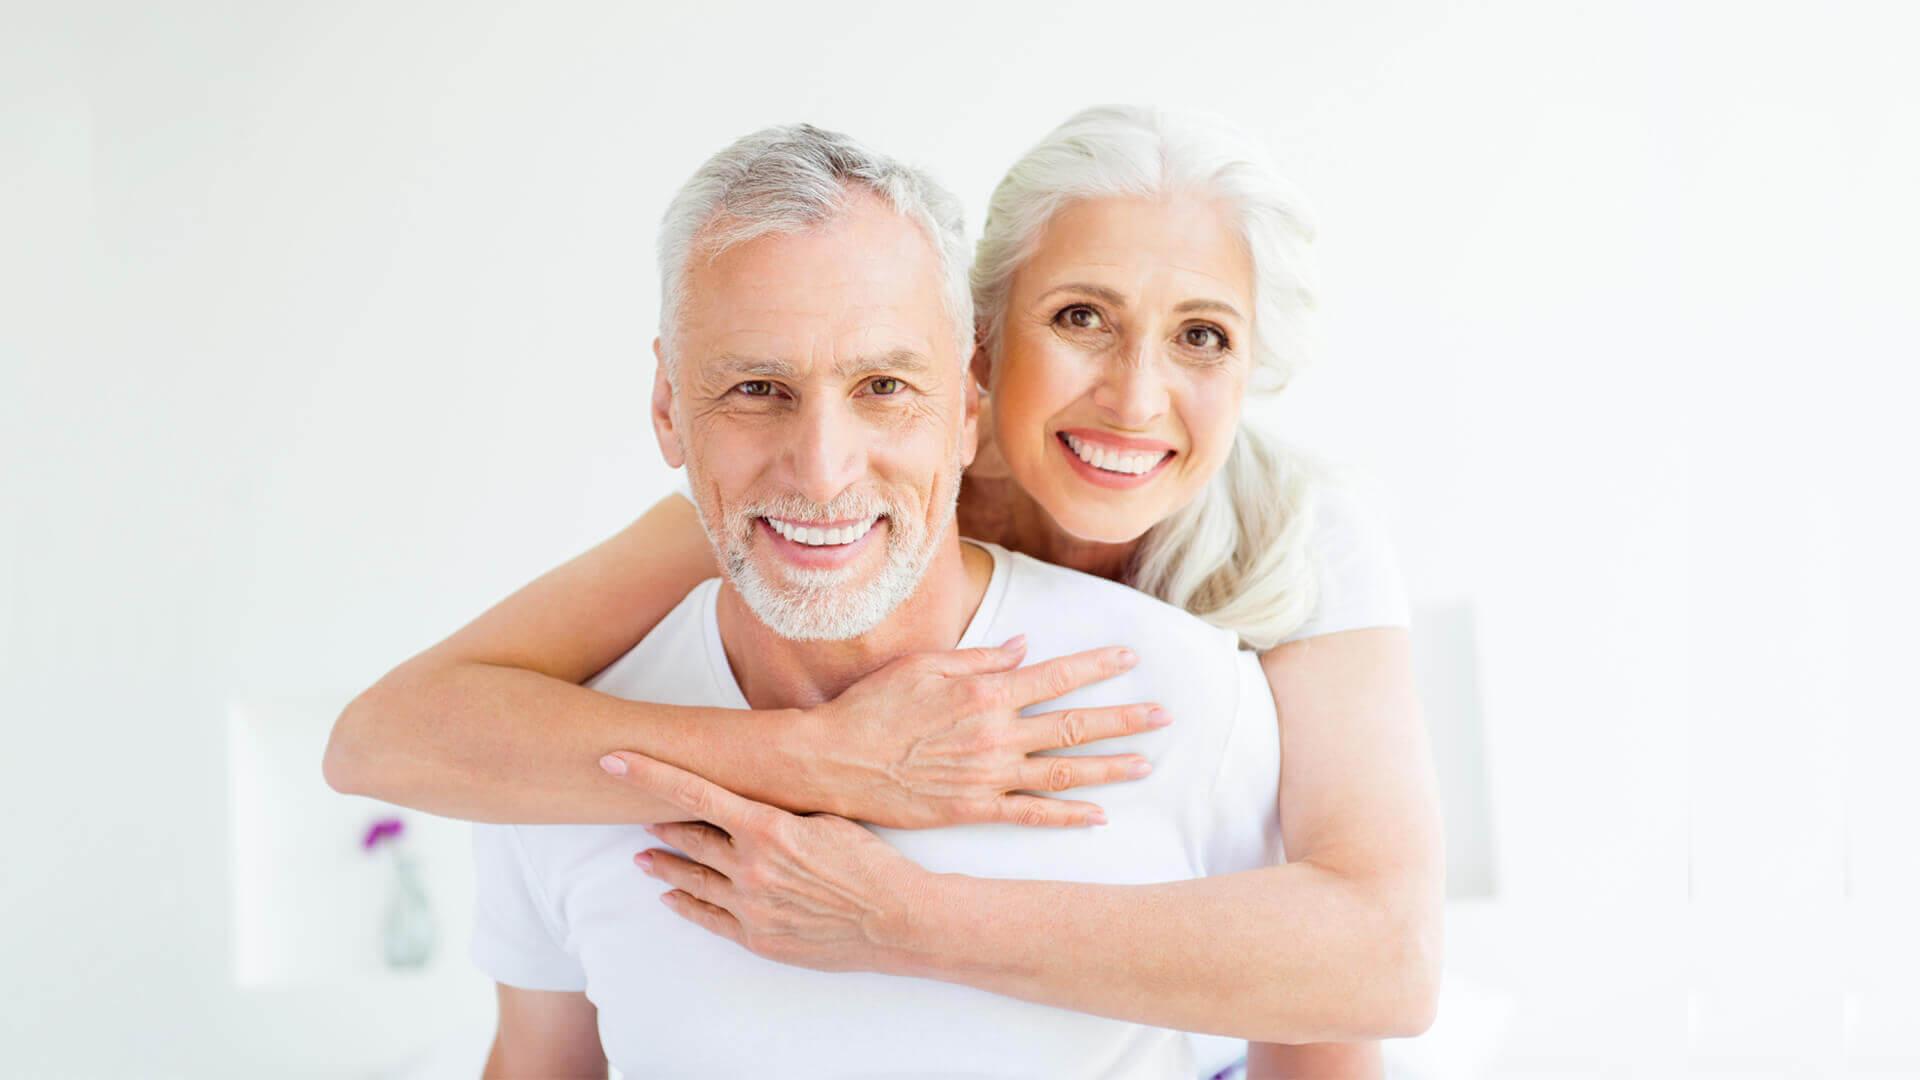 dental implants bg